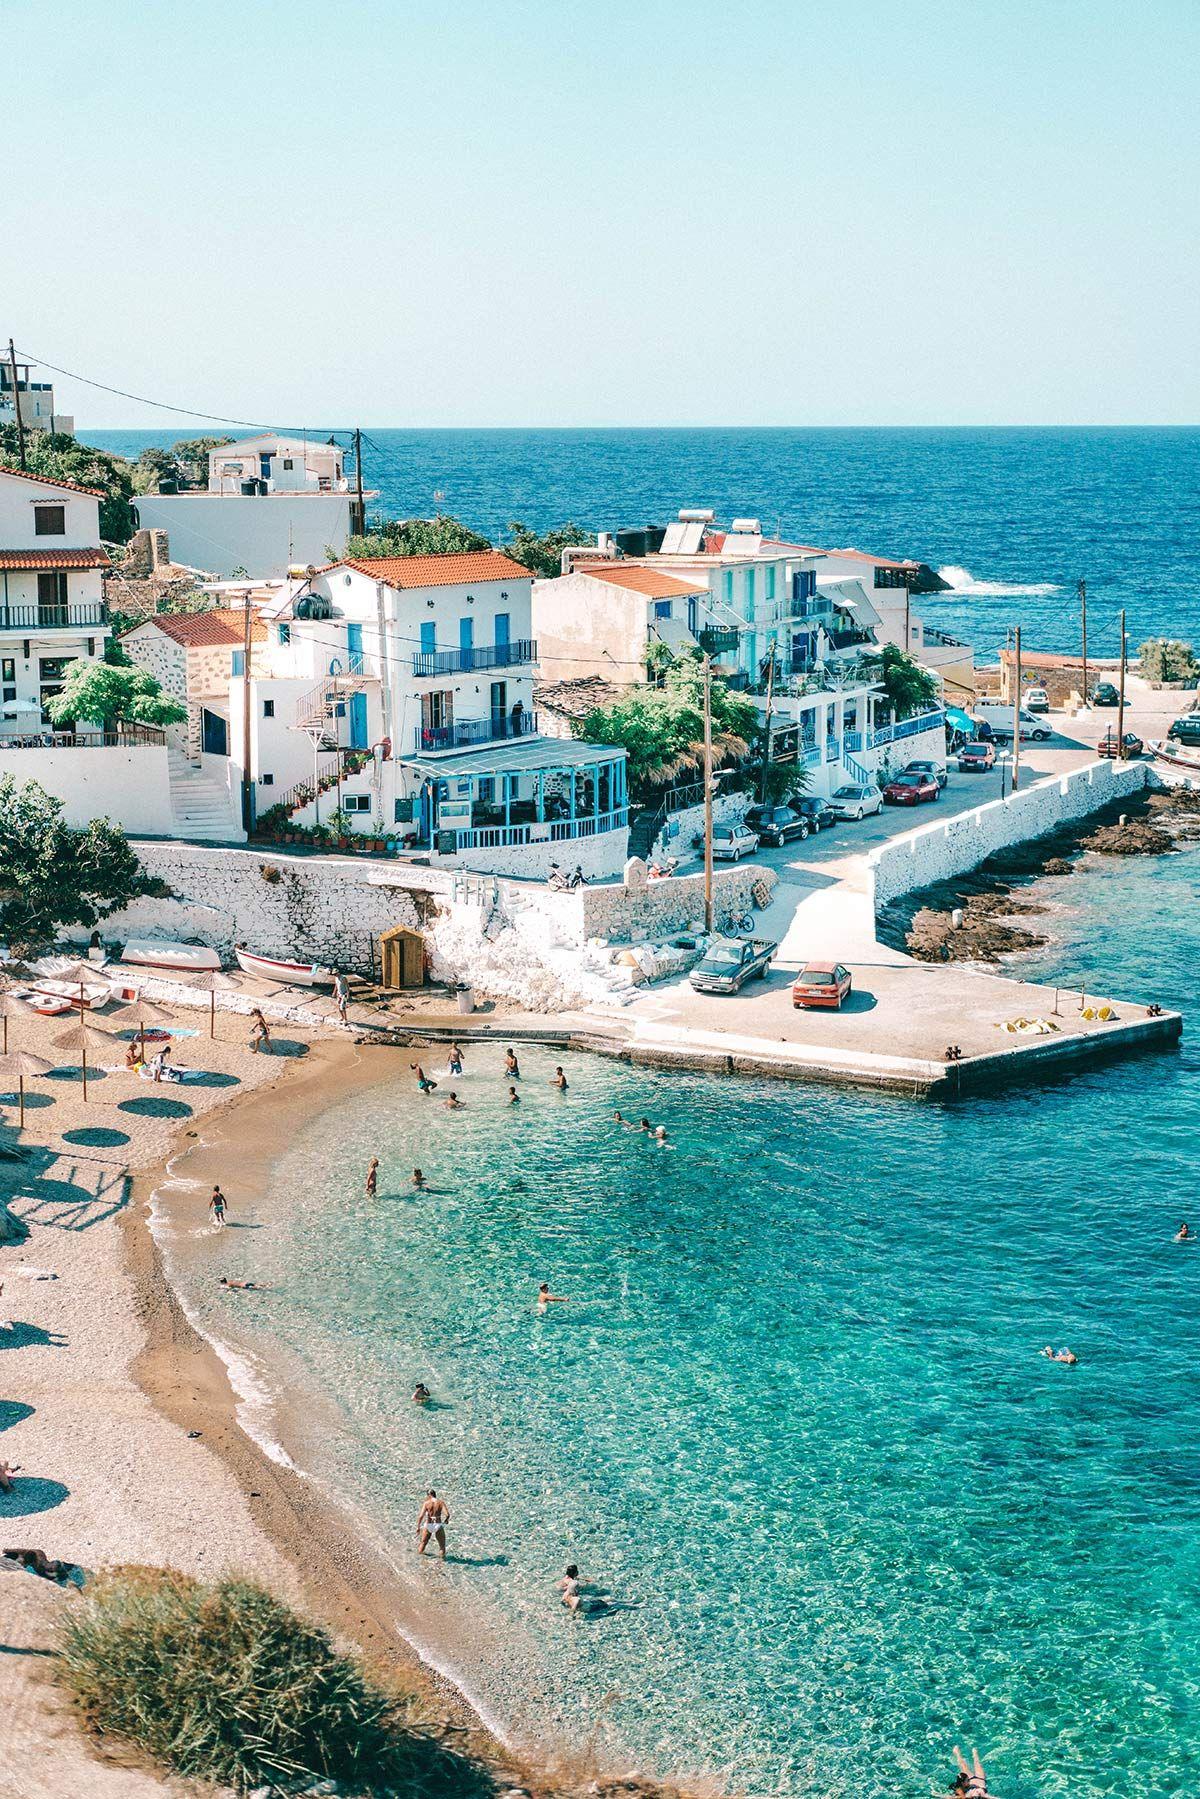 540+Die griechische Insel Ikaria – Europas Südseeparadies